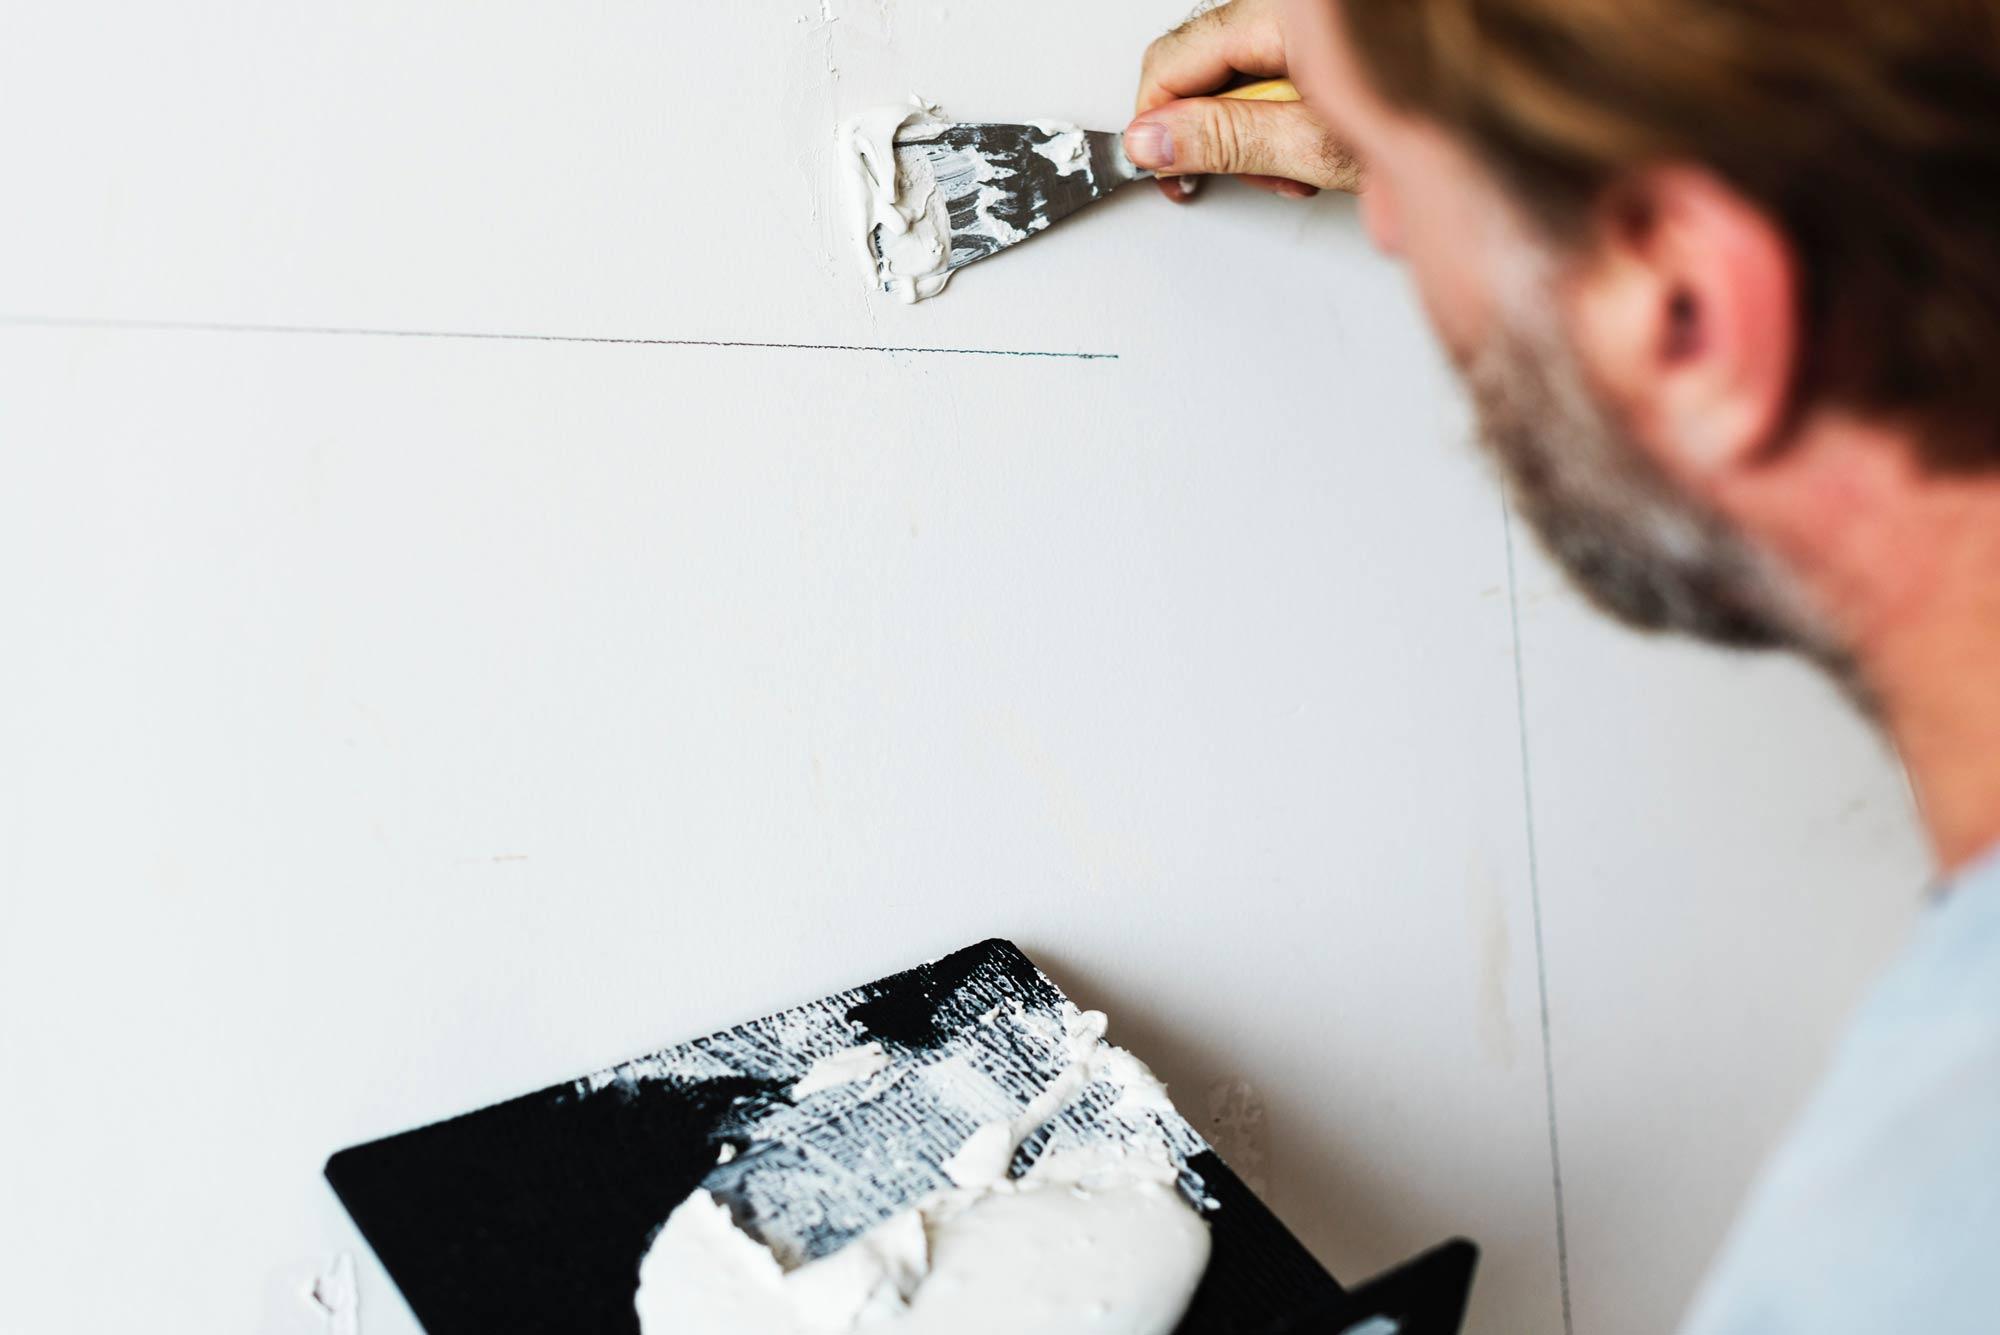 Comment Peindre Un Plafond Sans Trace travaux de rénovation peinture : peindre comme un pro, étape